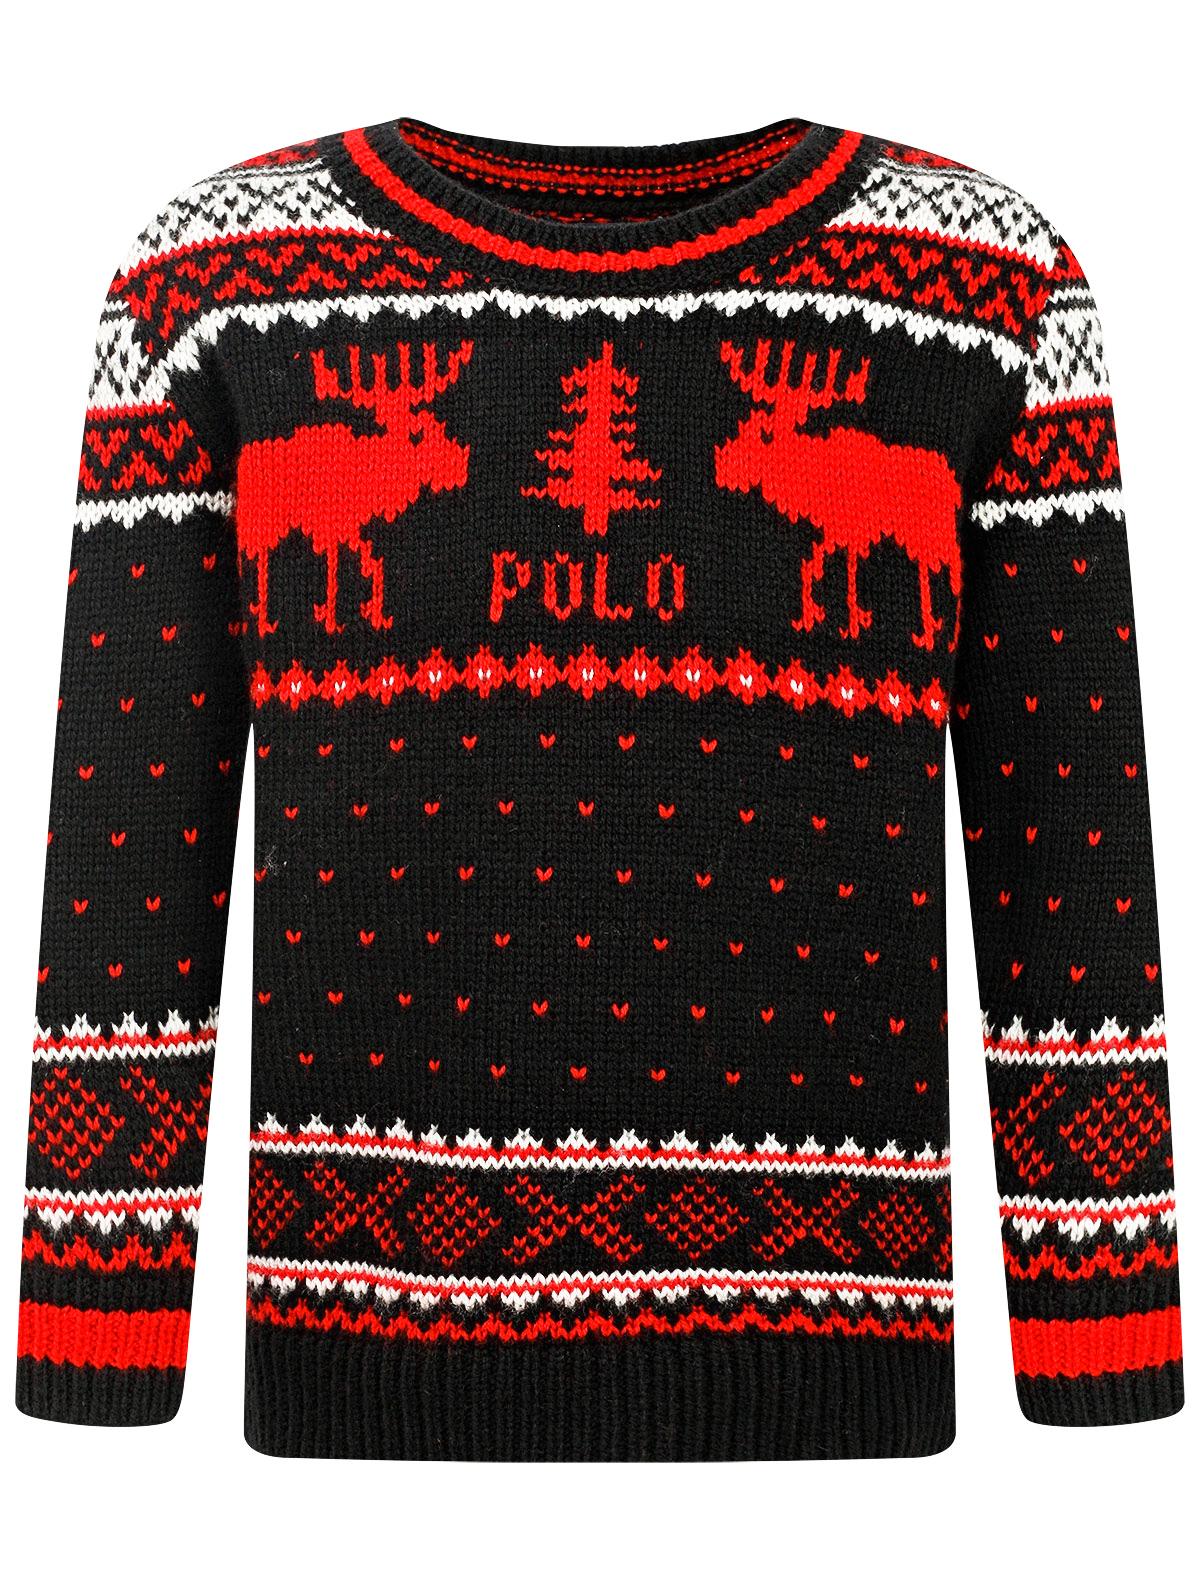 Купить Джемпер Polo Ralph Lauren для мальчиков 321765731001(322765731001) (BLACK MU) черный 122,